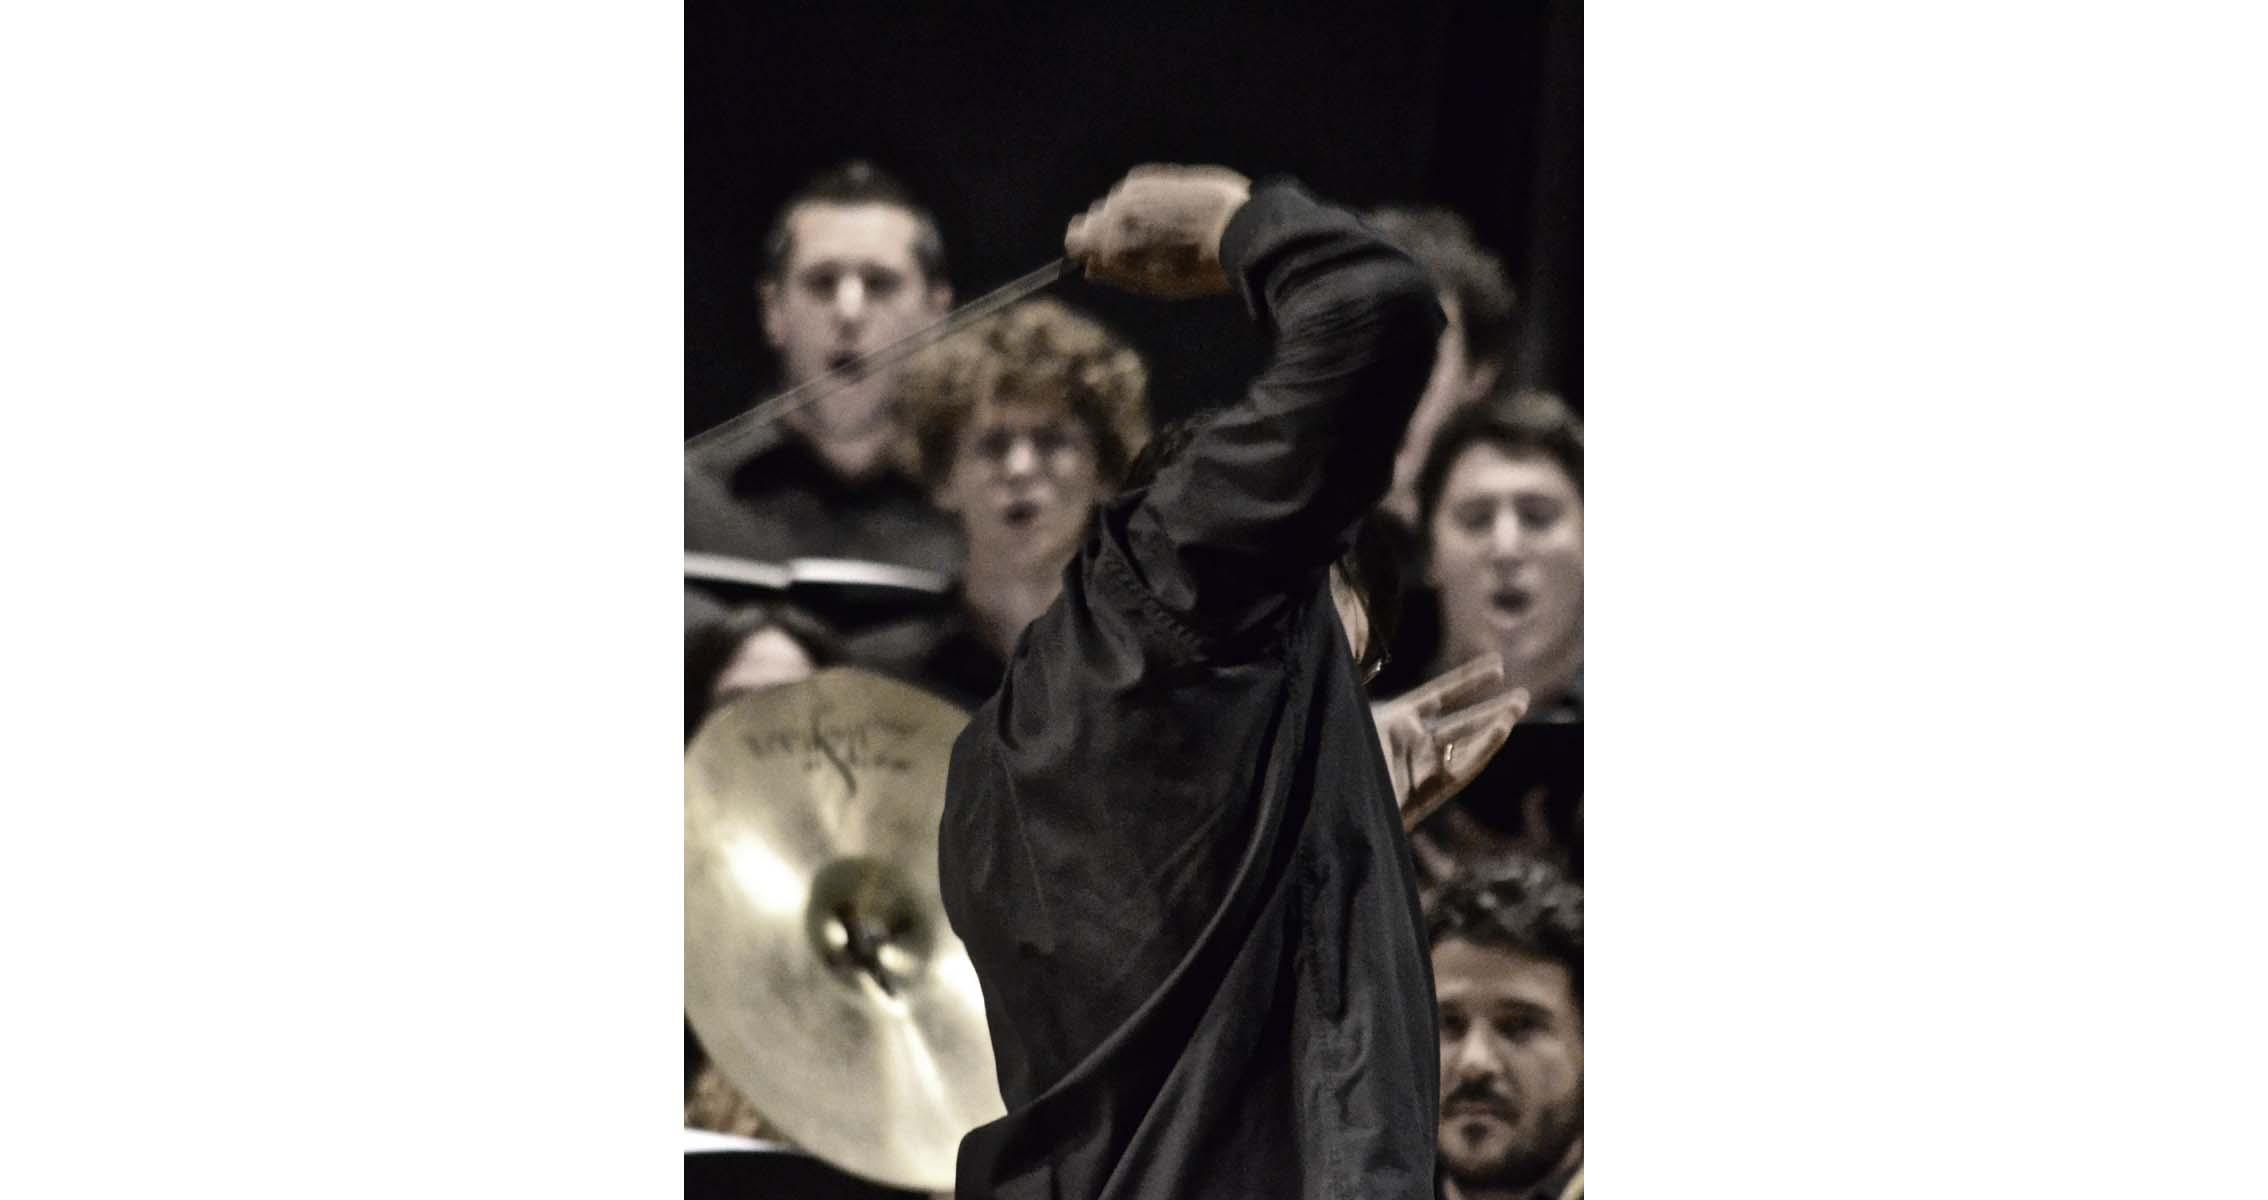 21 giugno – Pavia Barocca: Coro Universitario del Collegio Ghislieri in concerto per la ricerca a favore di PaviAIL